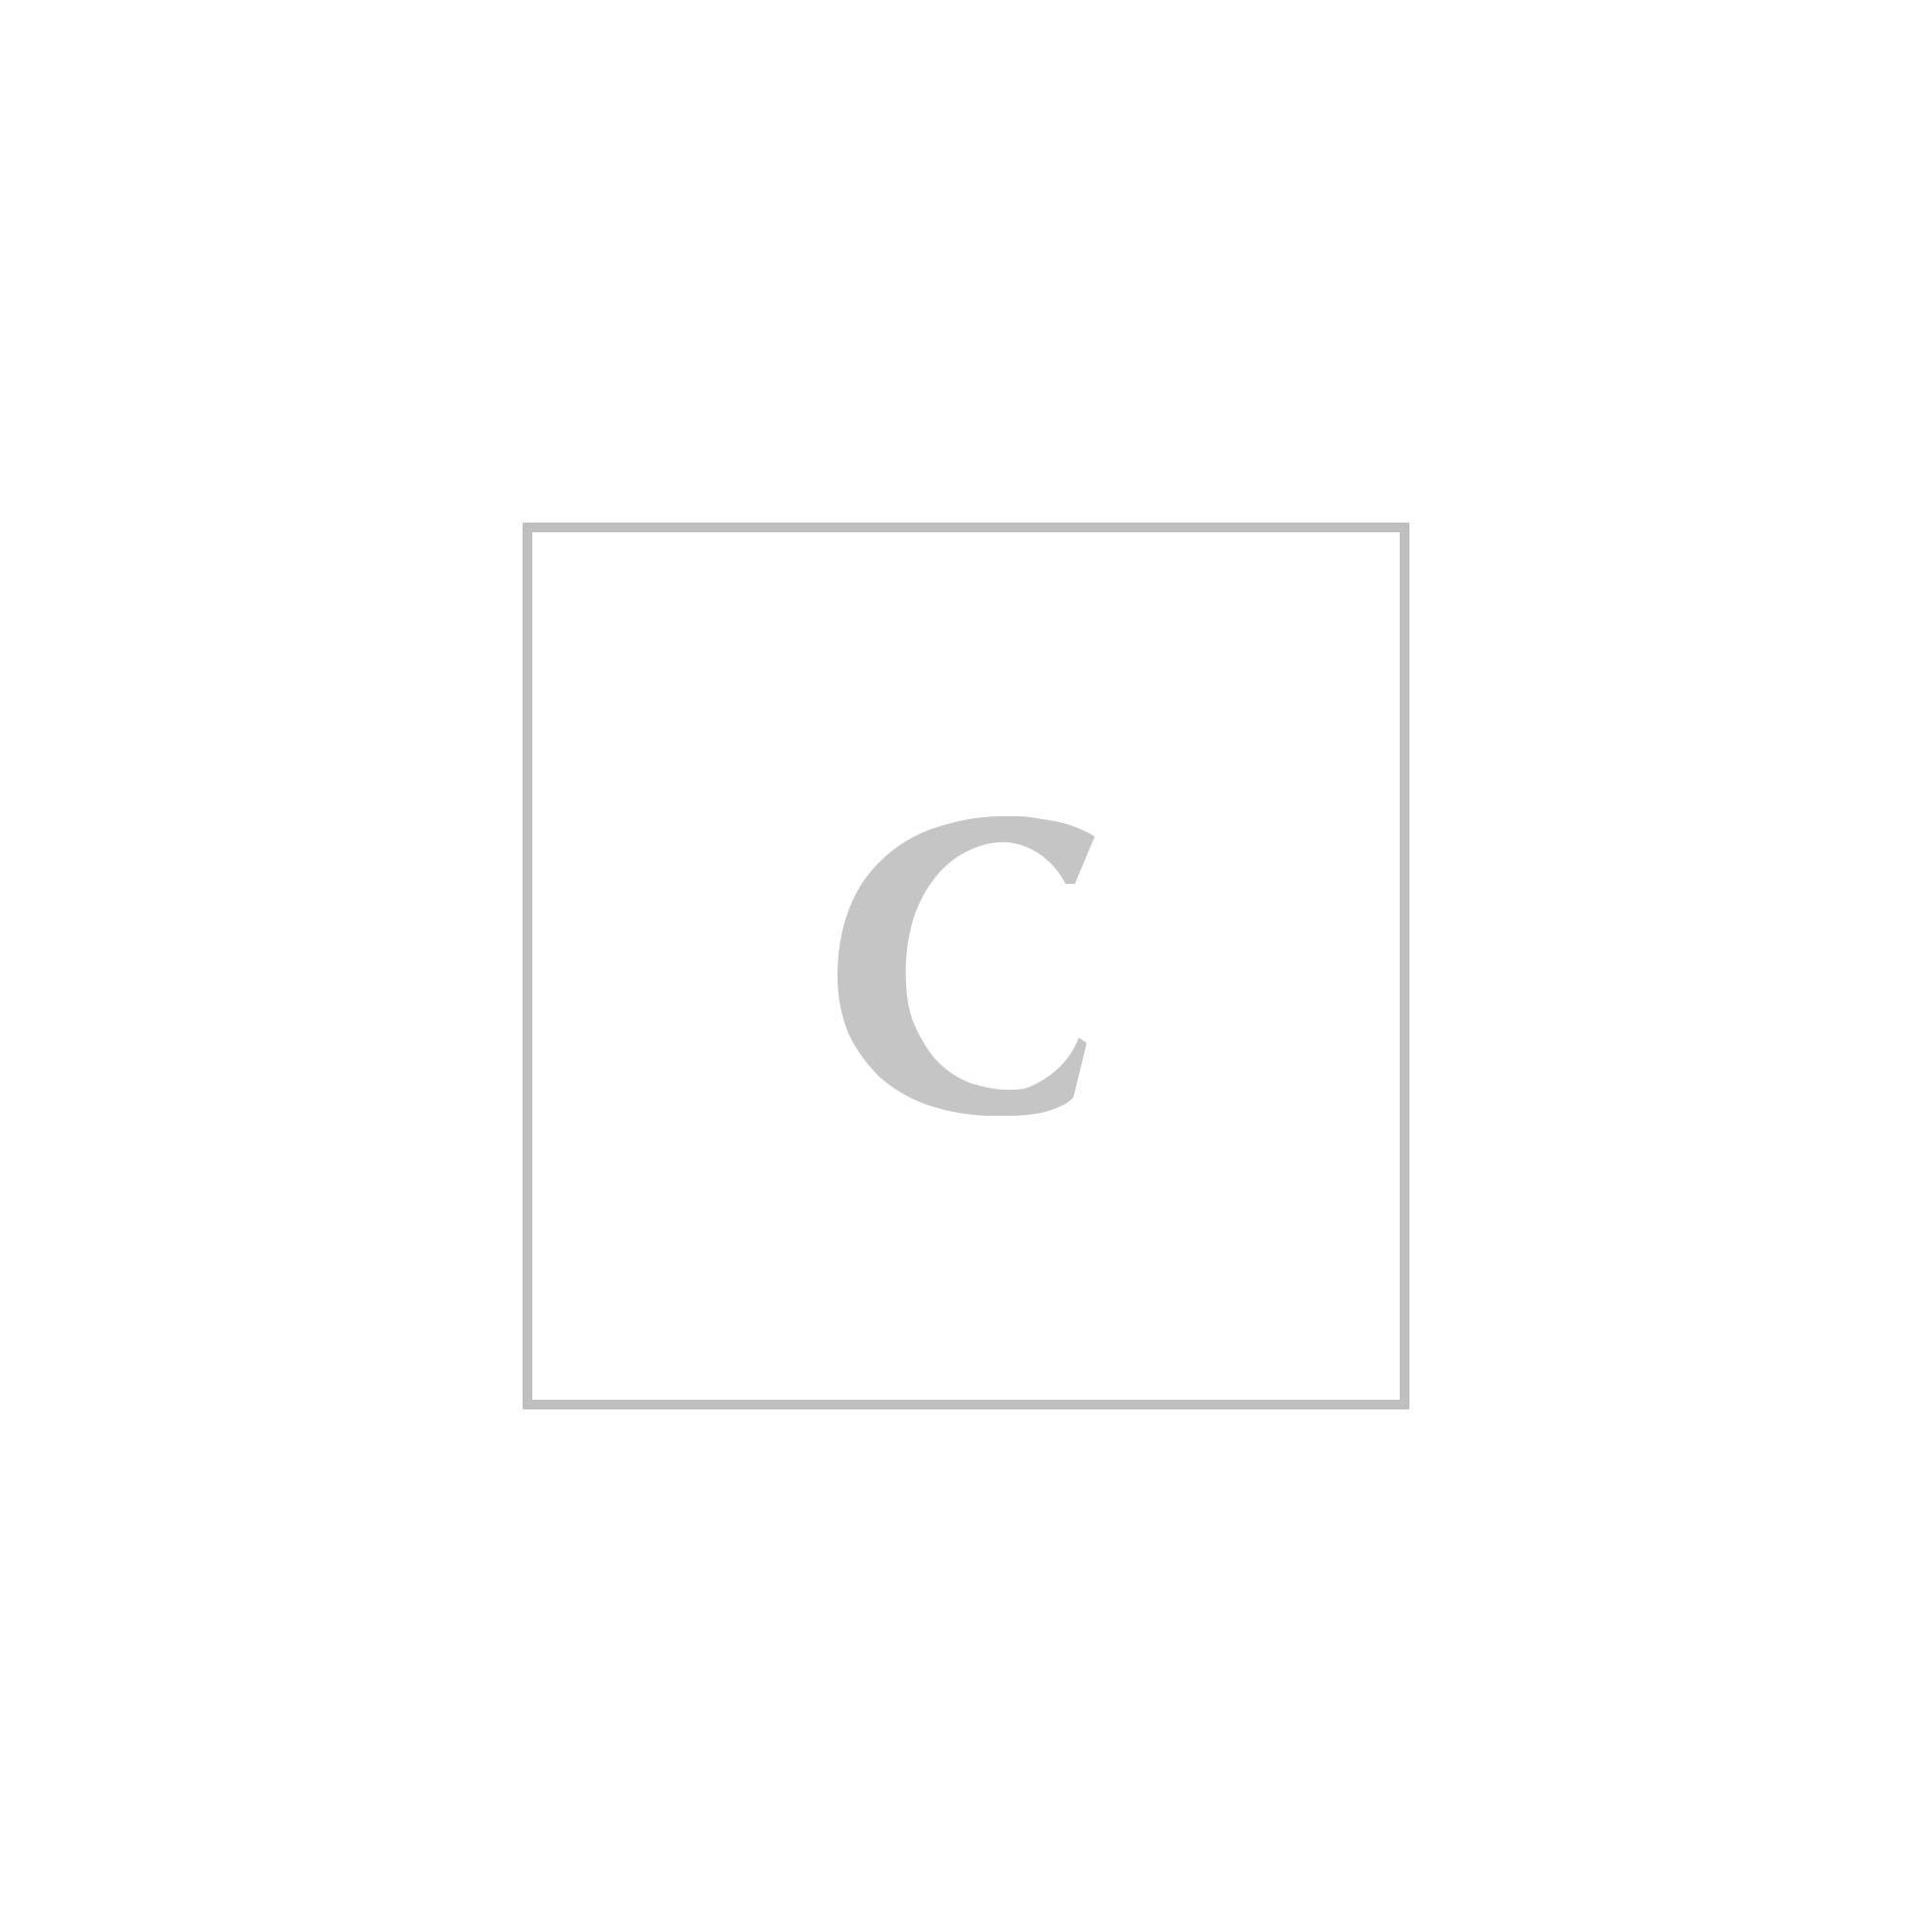 Salvatore ferragamo p.foglio 22b300 004 tissu soft squadrato